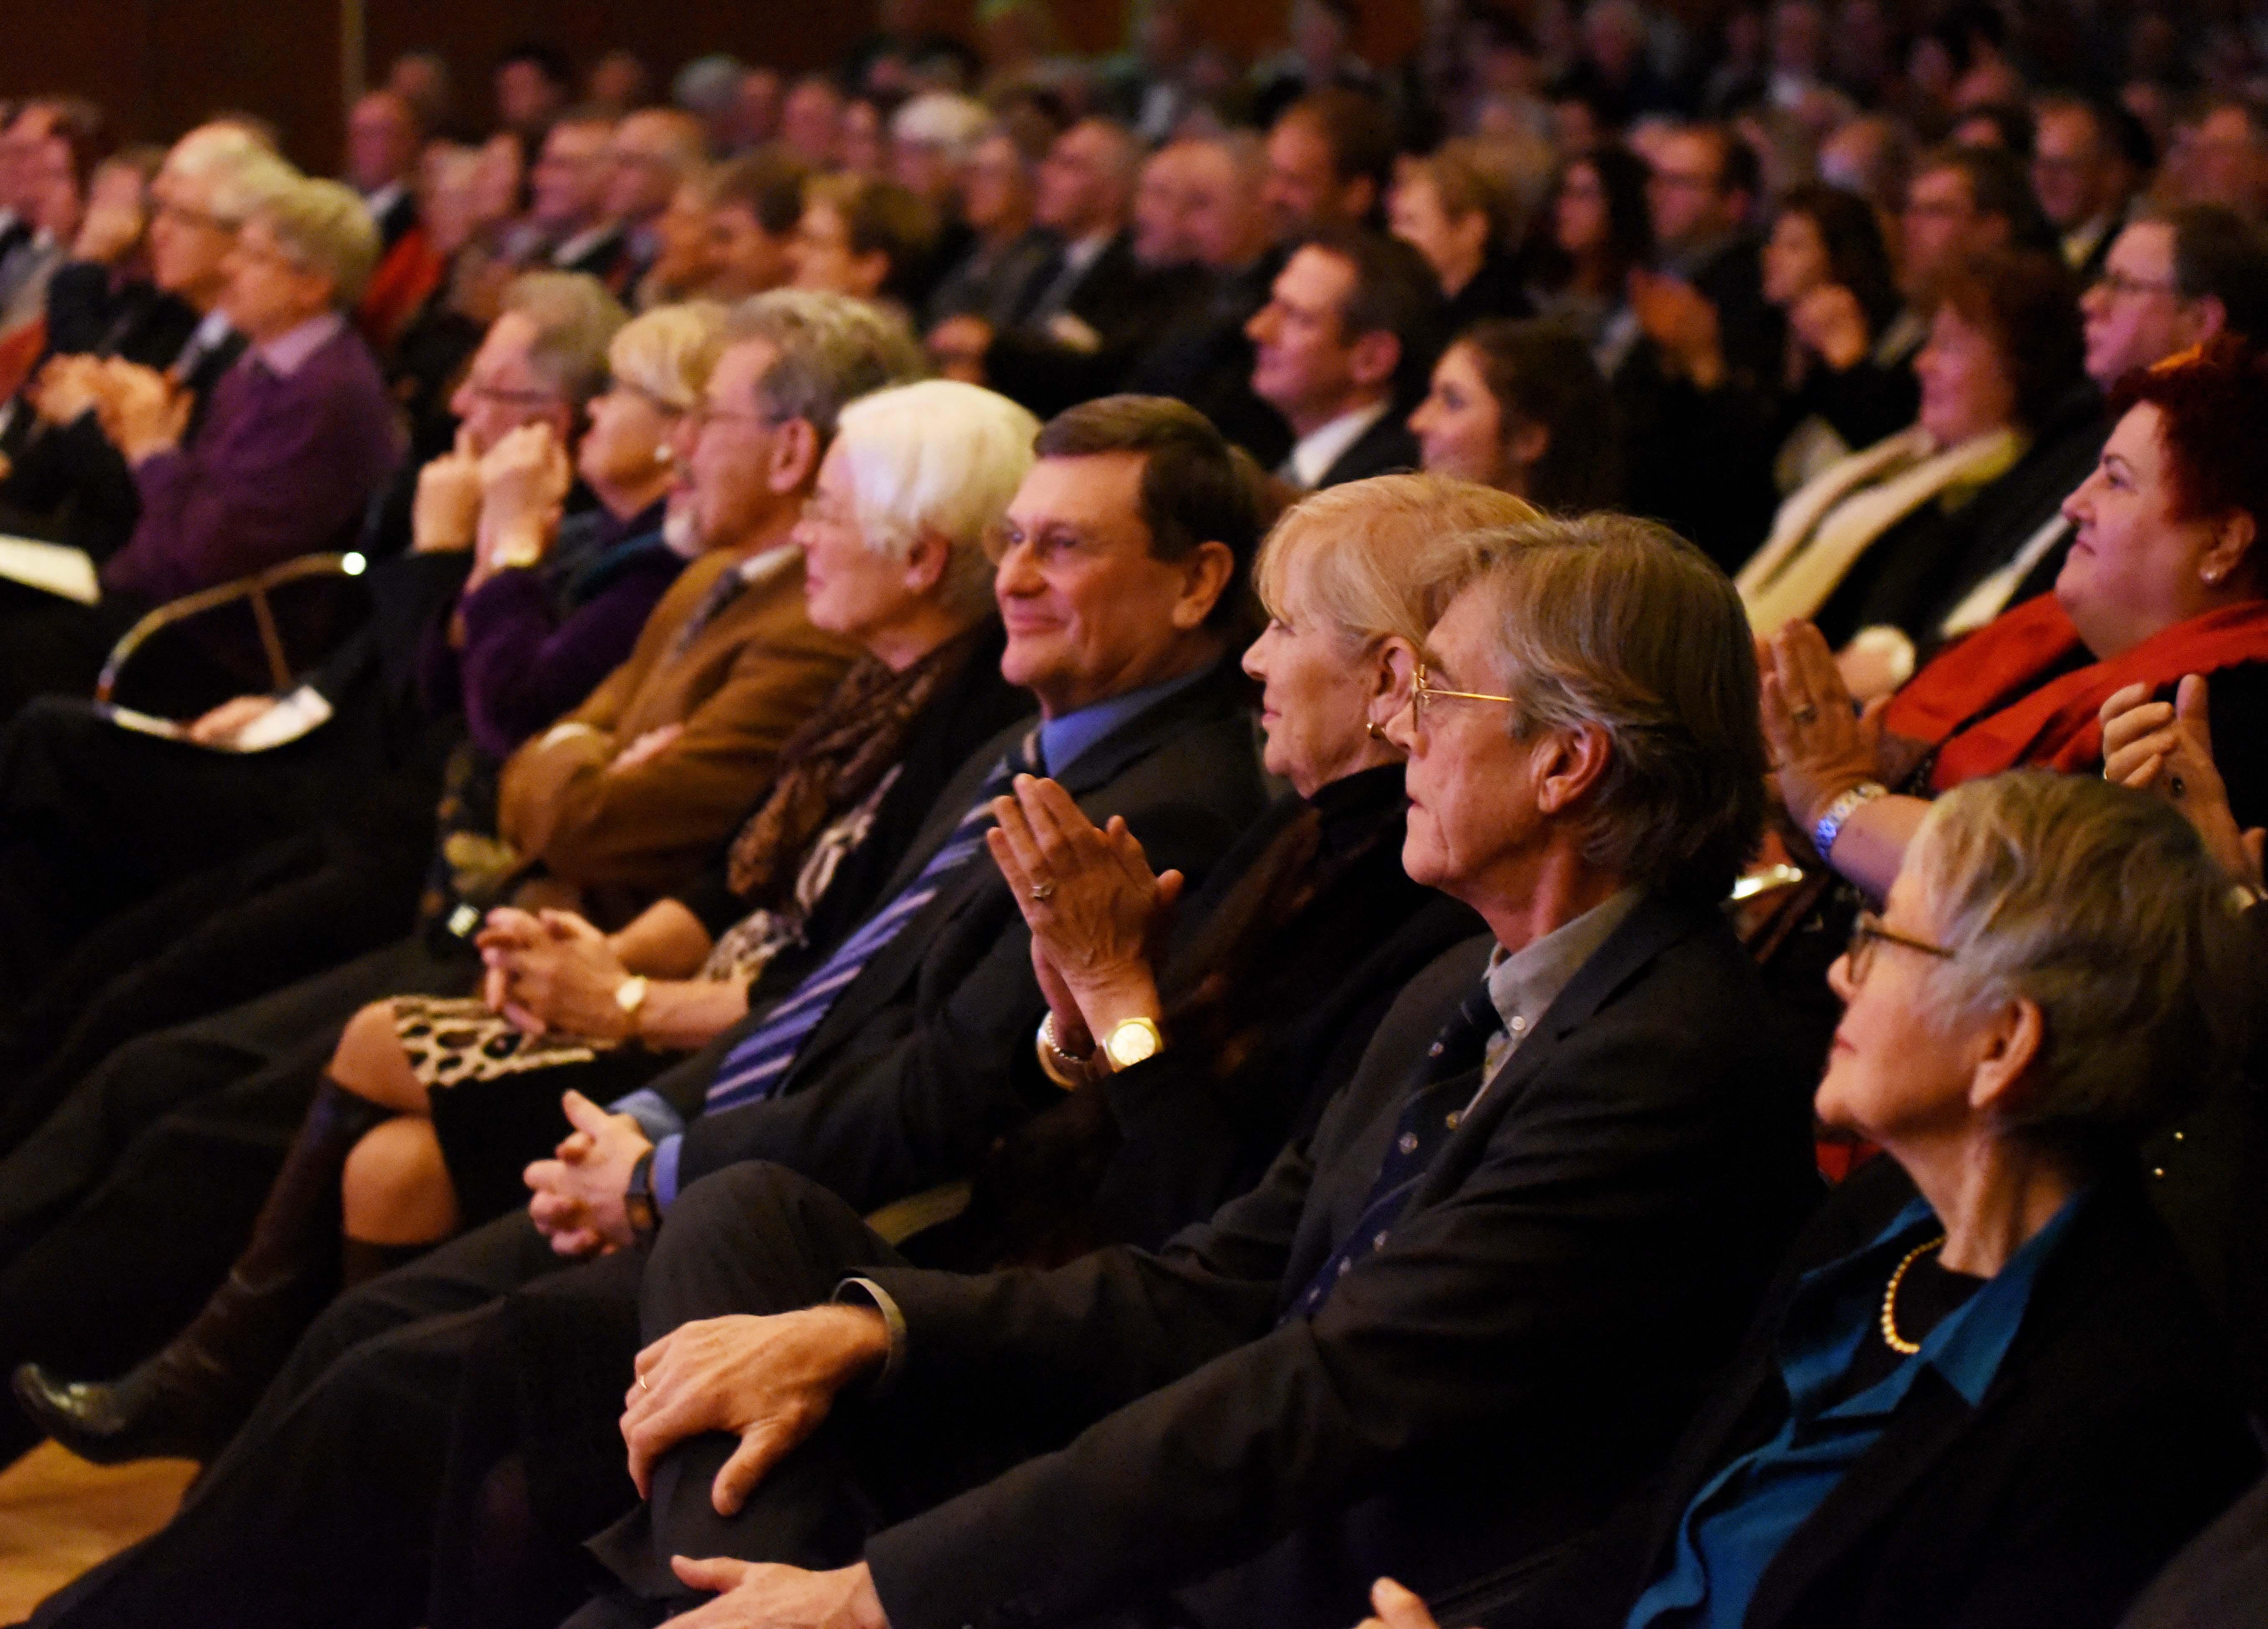 Begeistertes Publikum bei der Geburtstagsfeier des Lions Clubs Groß-Umstadt